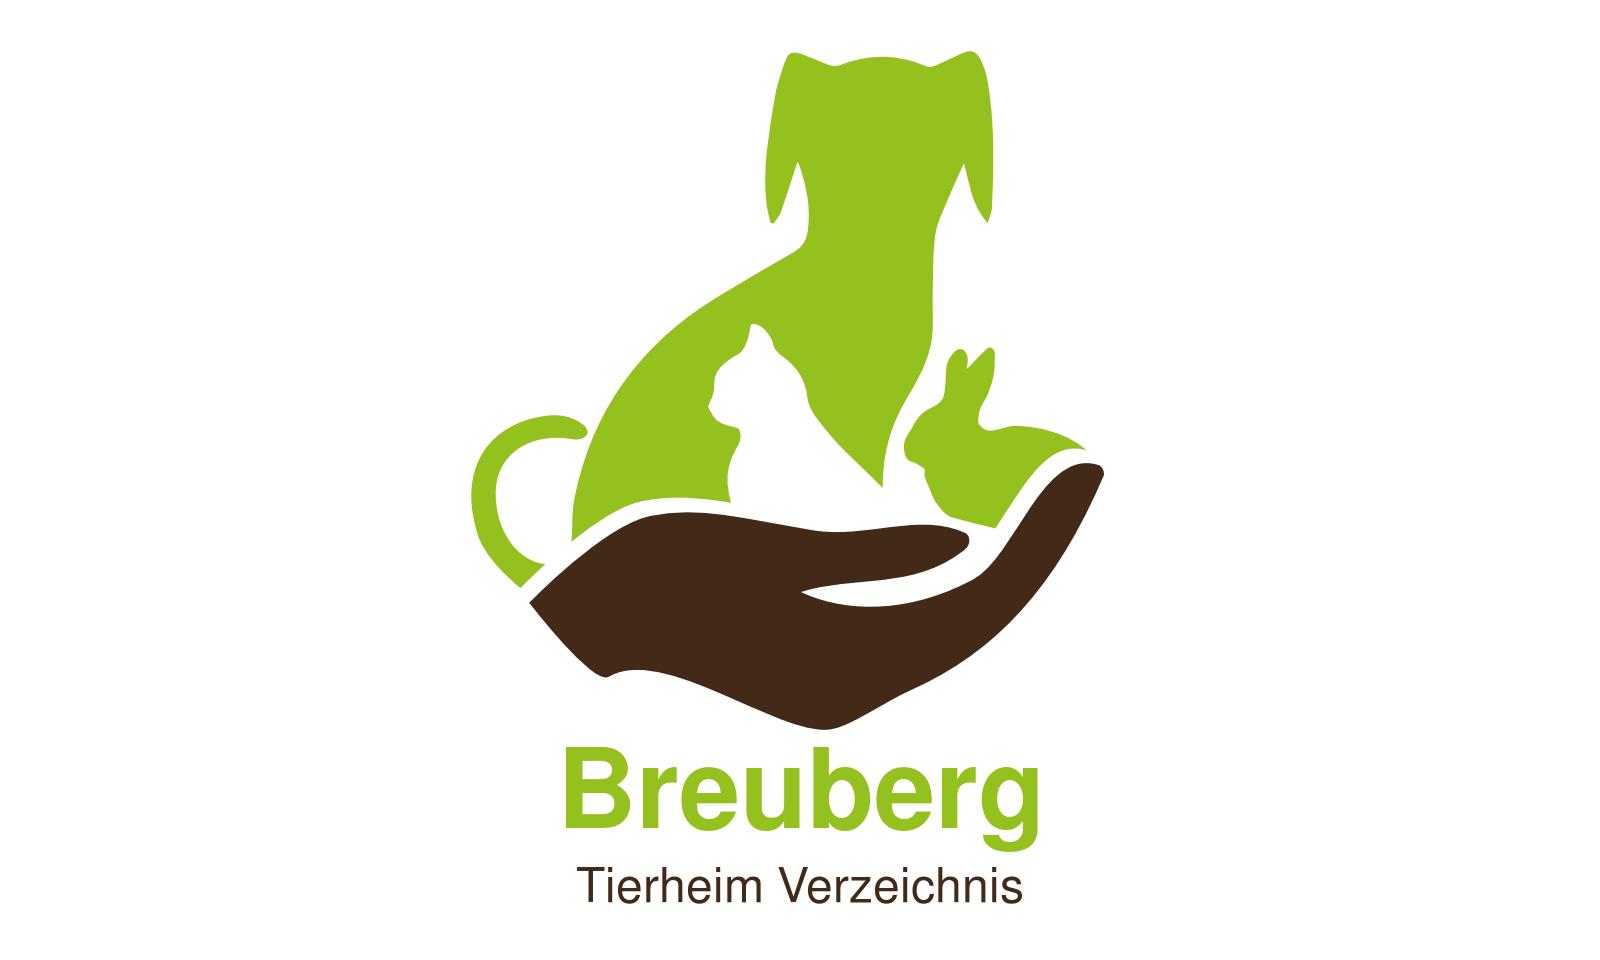 Tierheim Breuberg